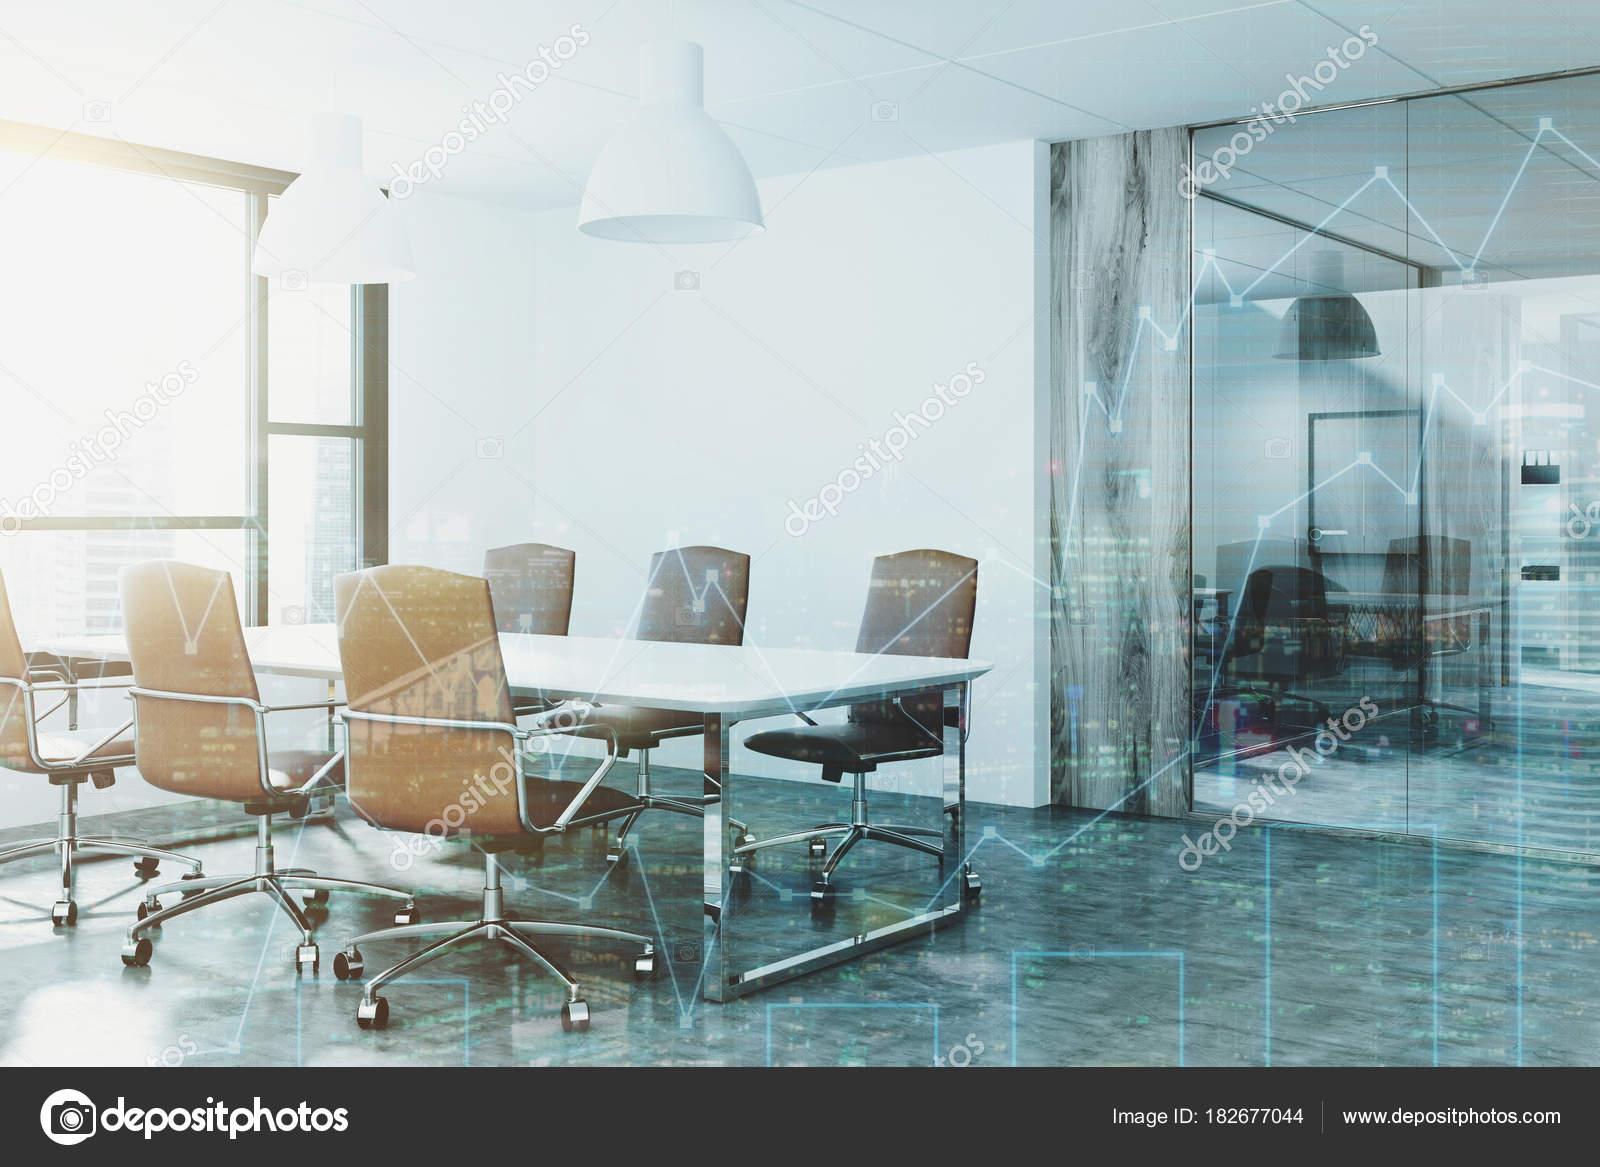 Wit en glas kamer hoek vergadering gestemde u stockfoto